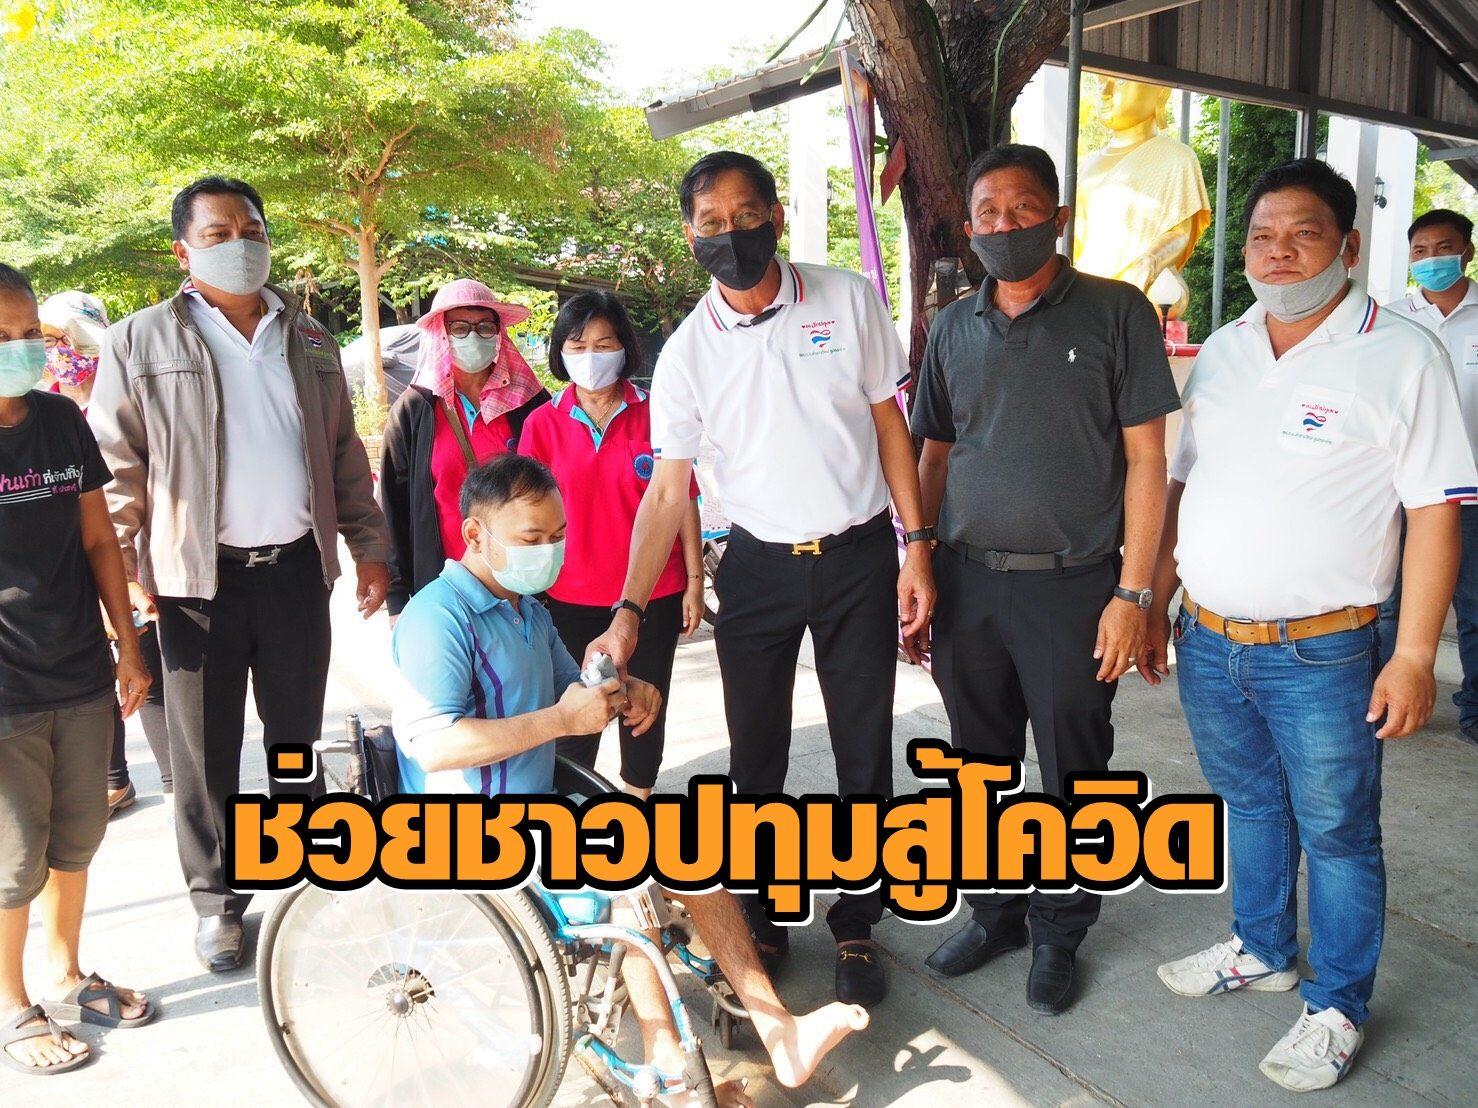 'คำรณวิทย์-สุรพงษ์' นำทีมแจกหน้ากาก-เจล พร้อมวัดไข้ให้ชาวปทุมธานี